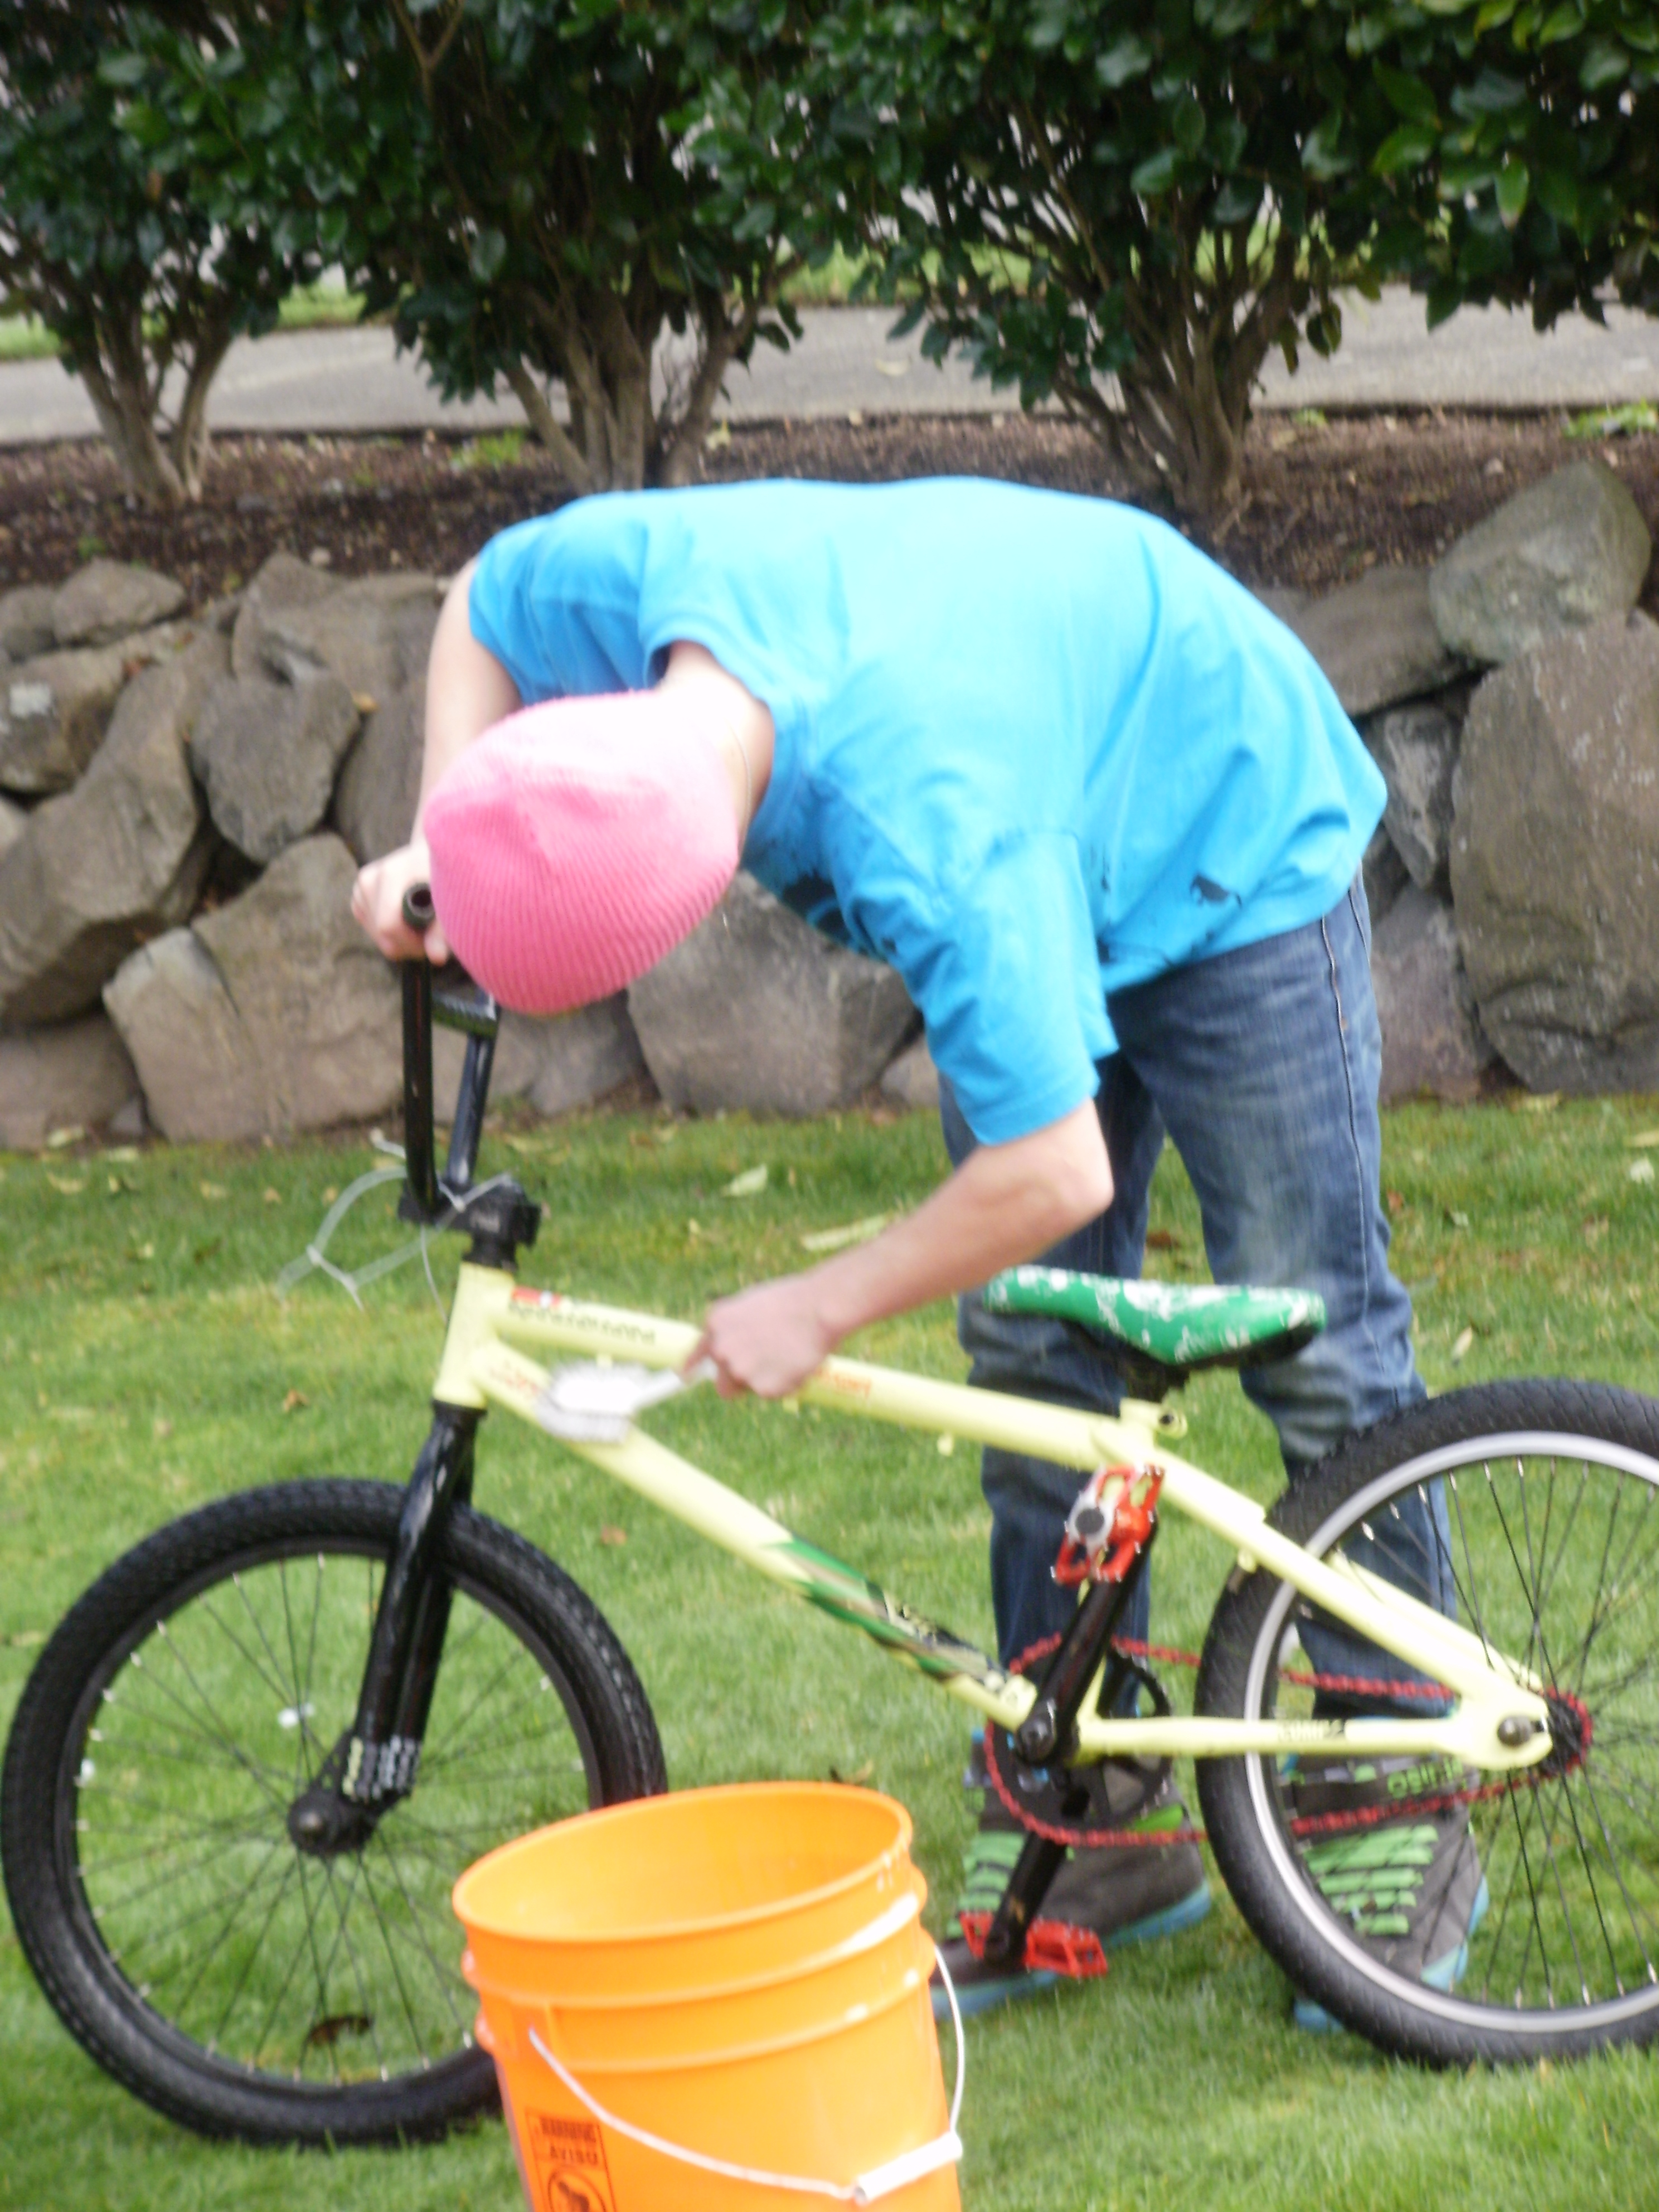 My kid washing his bike